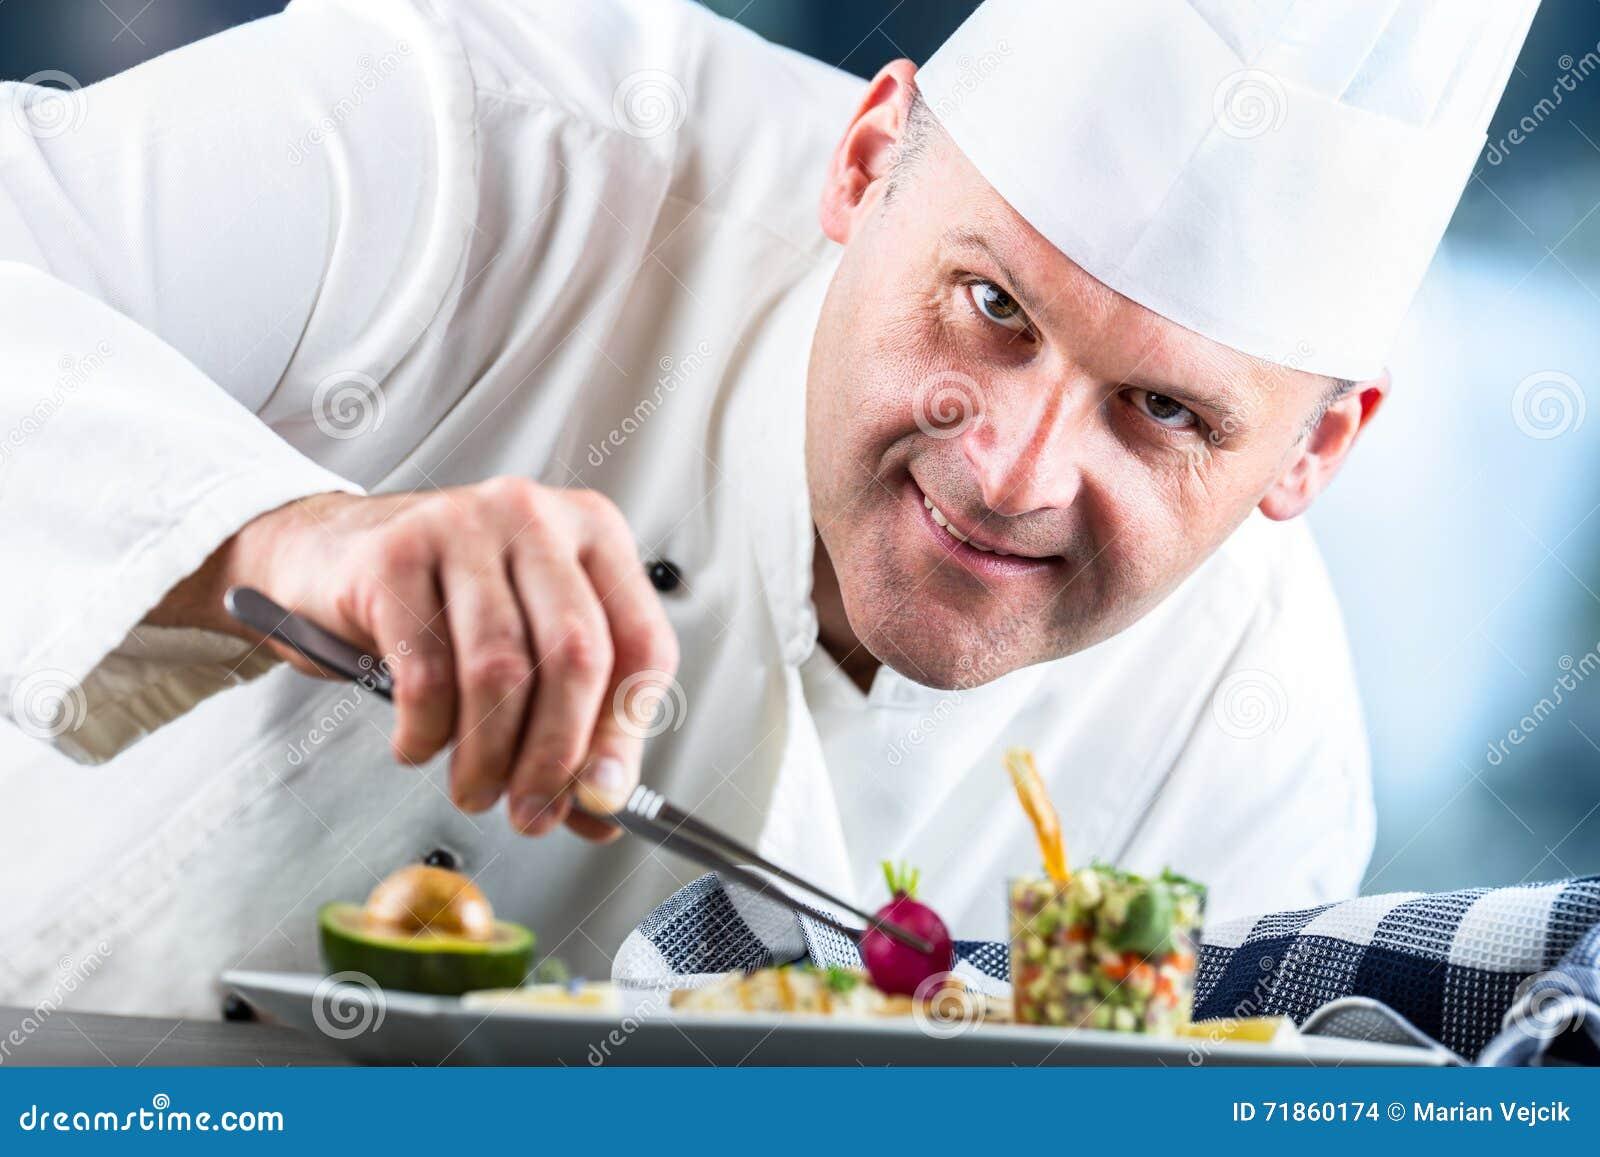 Шеф-повар Варить шеф-повара Шеф-повар украшая блюдо Шеф-повар подготавливая еду Шеф-повар в кухне гостиницы или ресторана подгота